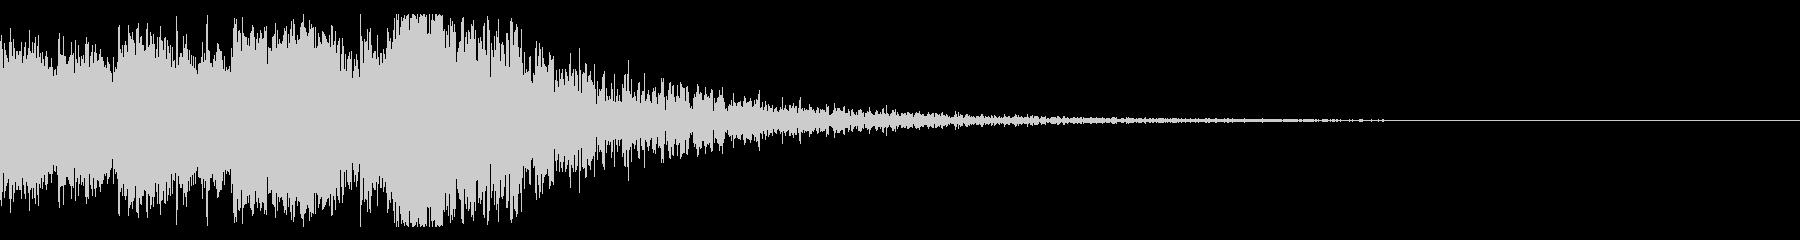 和風 オーケストラヒット ジングル!06の未再生の波形